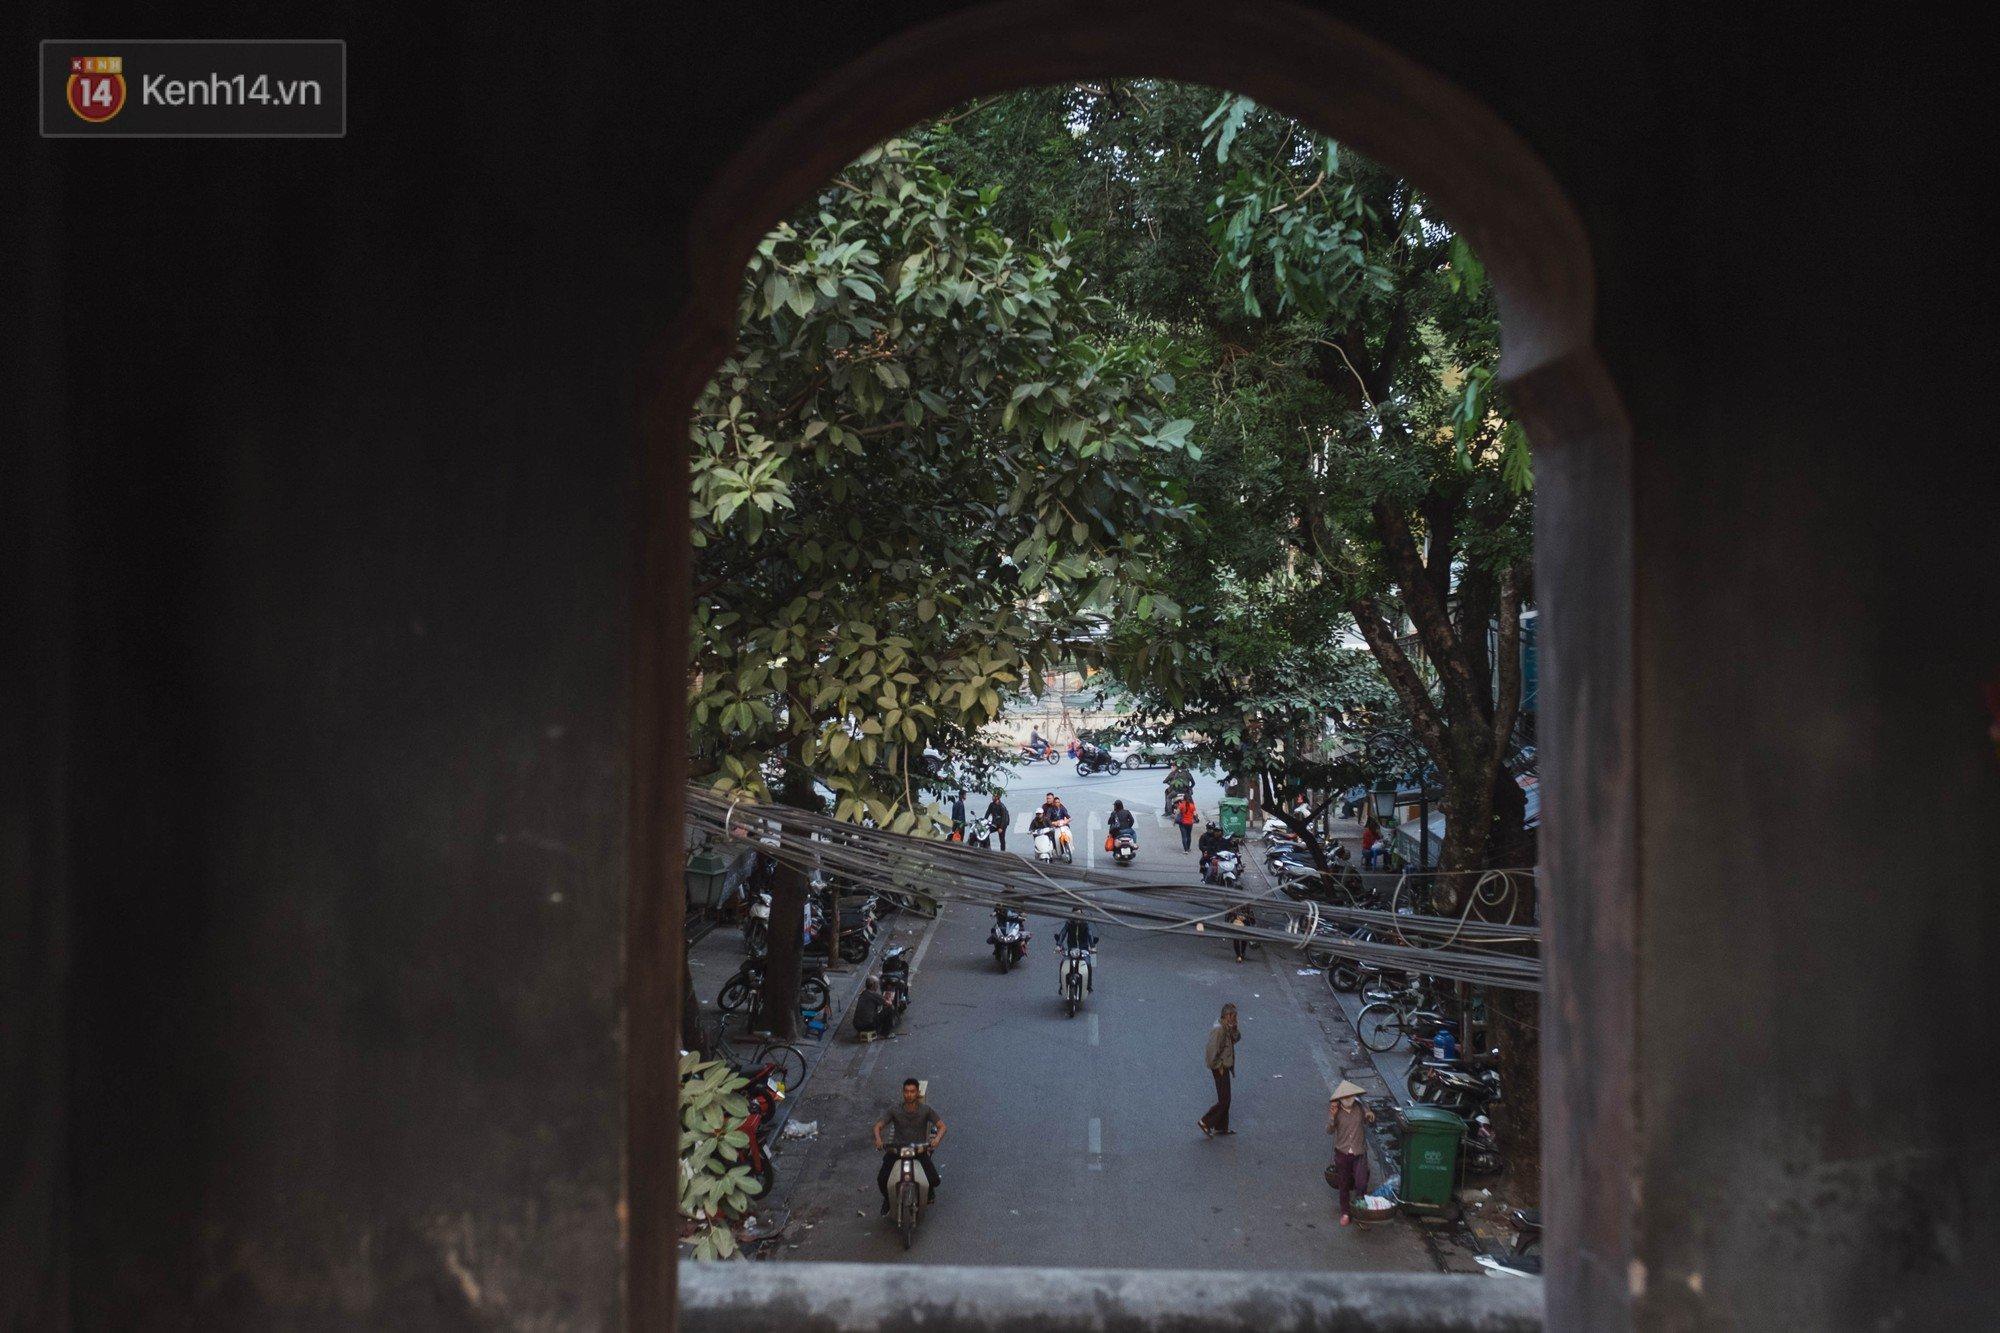 Chuyện người đàn ông ở Hà Nội 20 năm canh giữ cửa ô duy nhất còn lại của kinh thành Thăng Long xưa 4